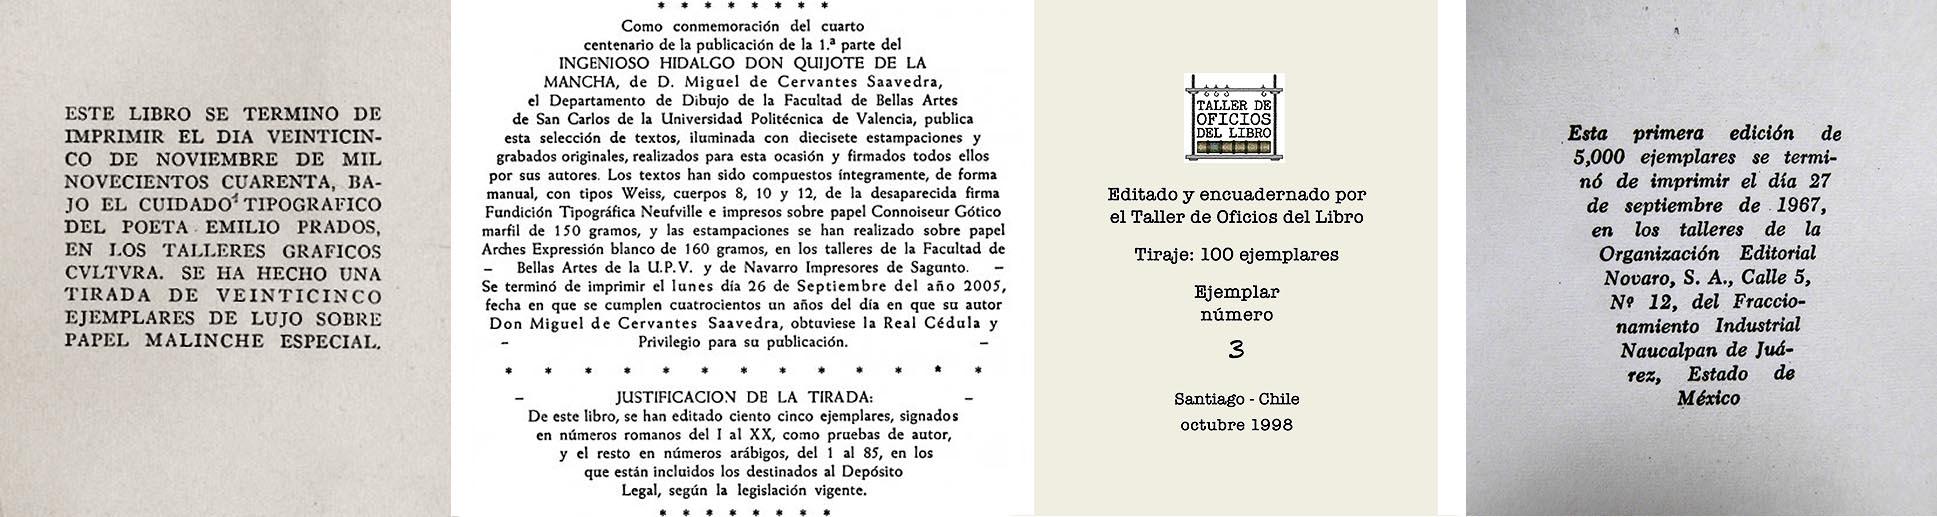 Cuatro ejemplos de  colofones . Estos pueden ir impresos tanto en la parte superior y el centro como en el pie de la página.